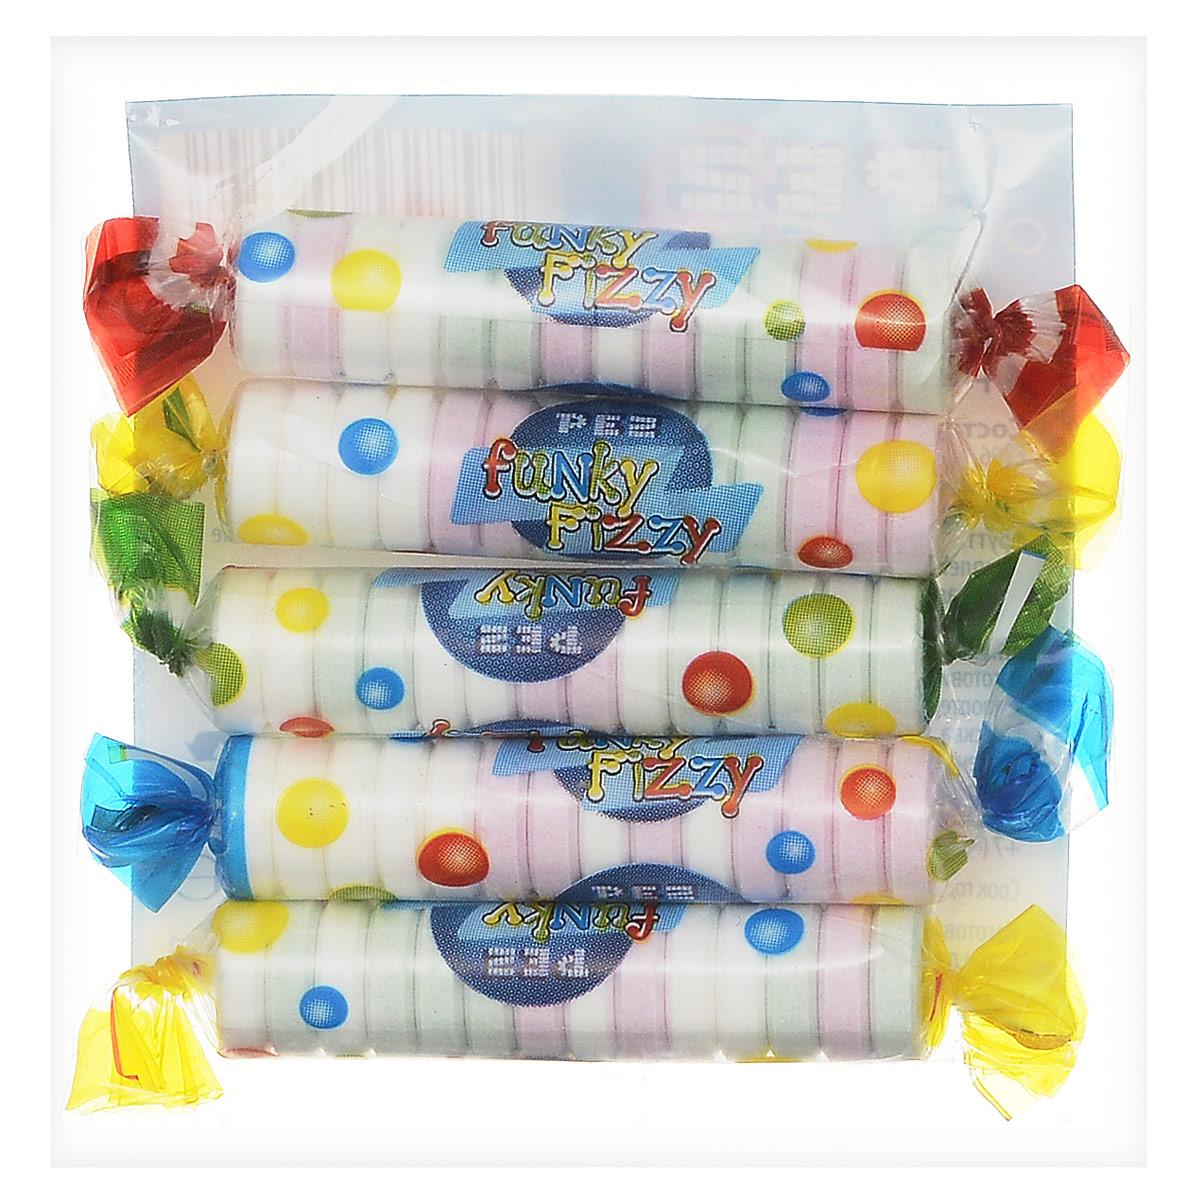 PEZ Fizzy - маленькие конфетки в виде бус с ярким фруктовым вкусом. Они подарят вам и вашим детям заряд хорошего настроения на весь день.